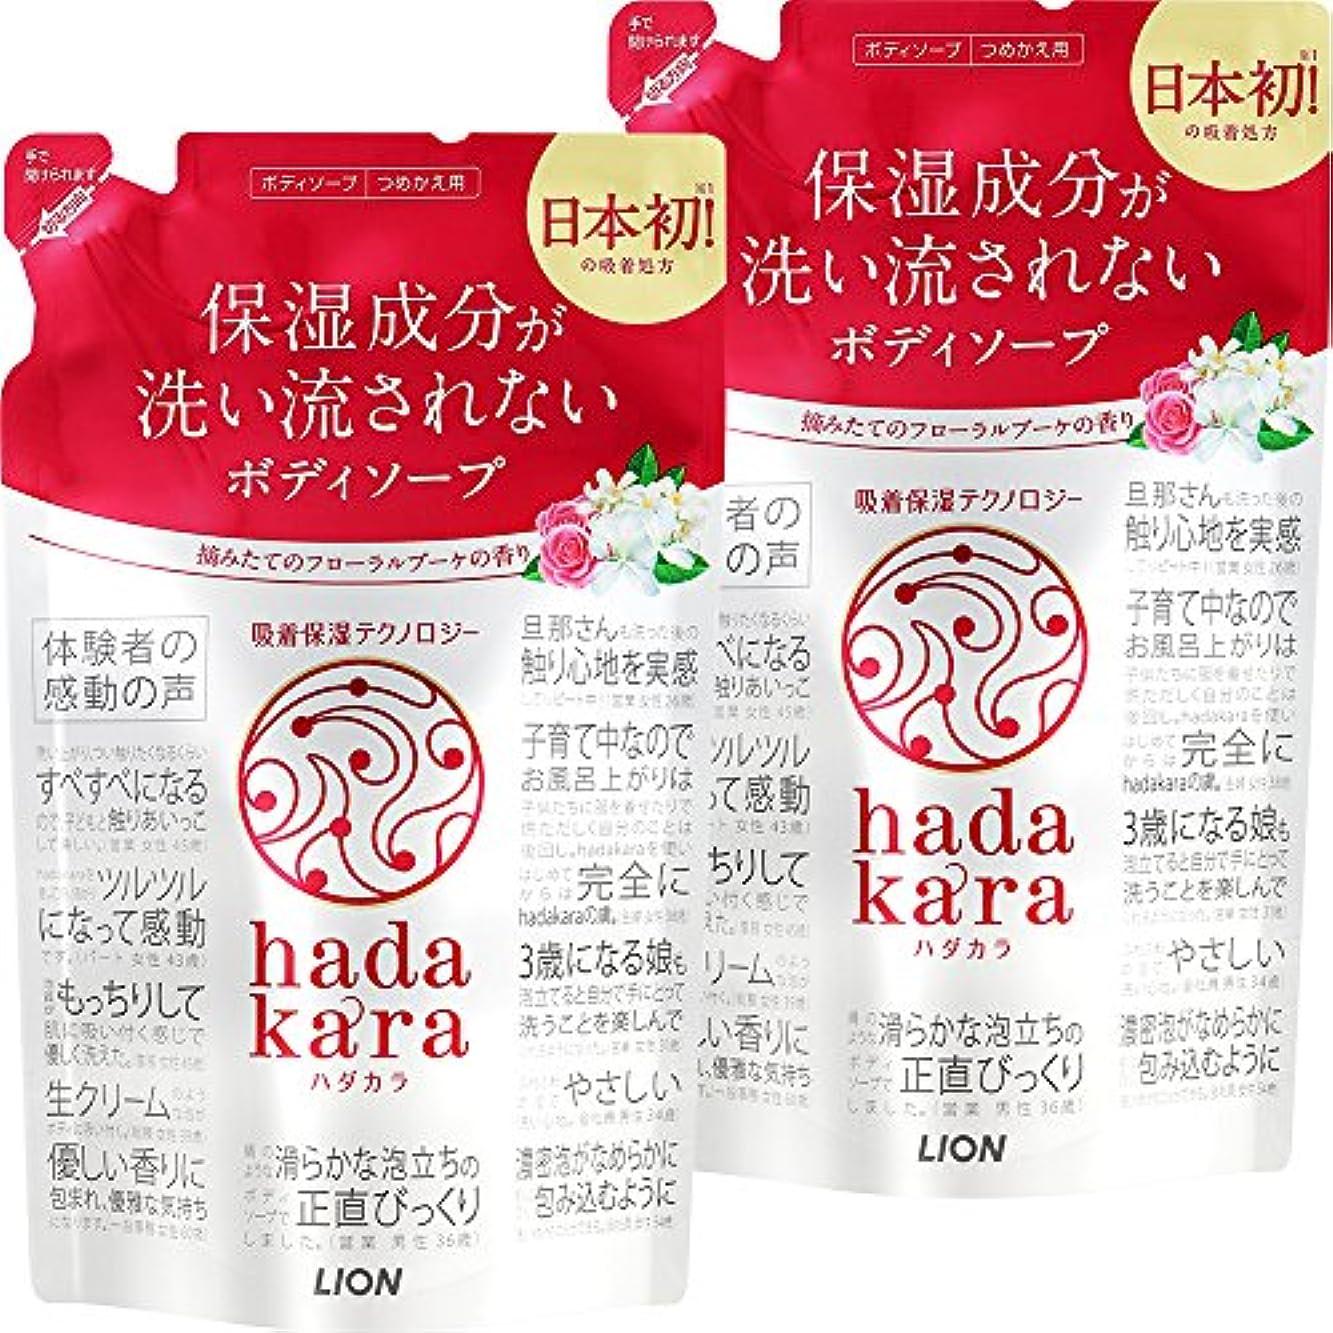 シールド長くする指定【まとめ買い】hadakara(ハダカラ) ボディソープ フローラルブーケの香り 詰め替え 360ml×2個パック